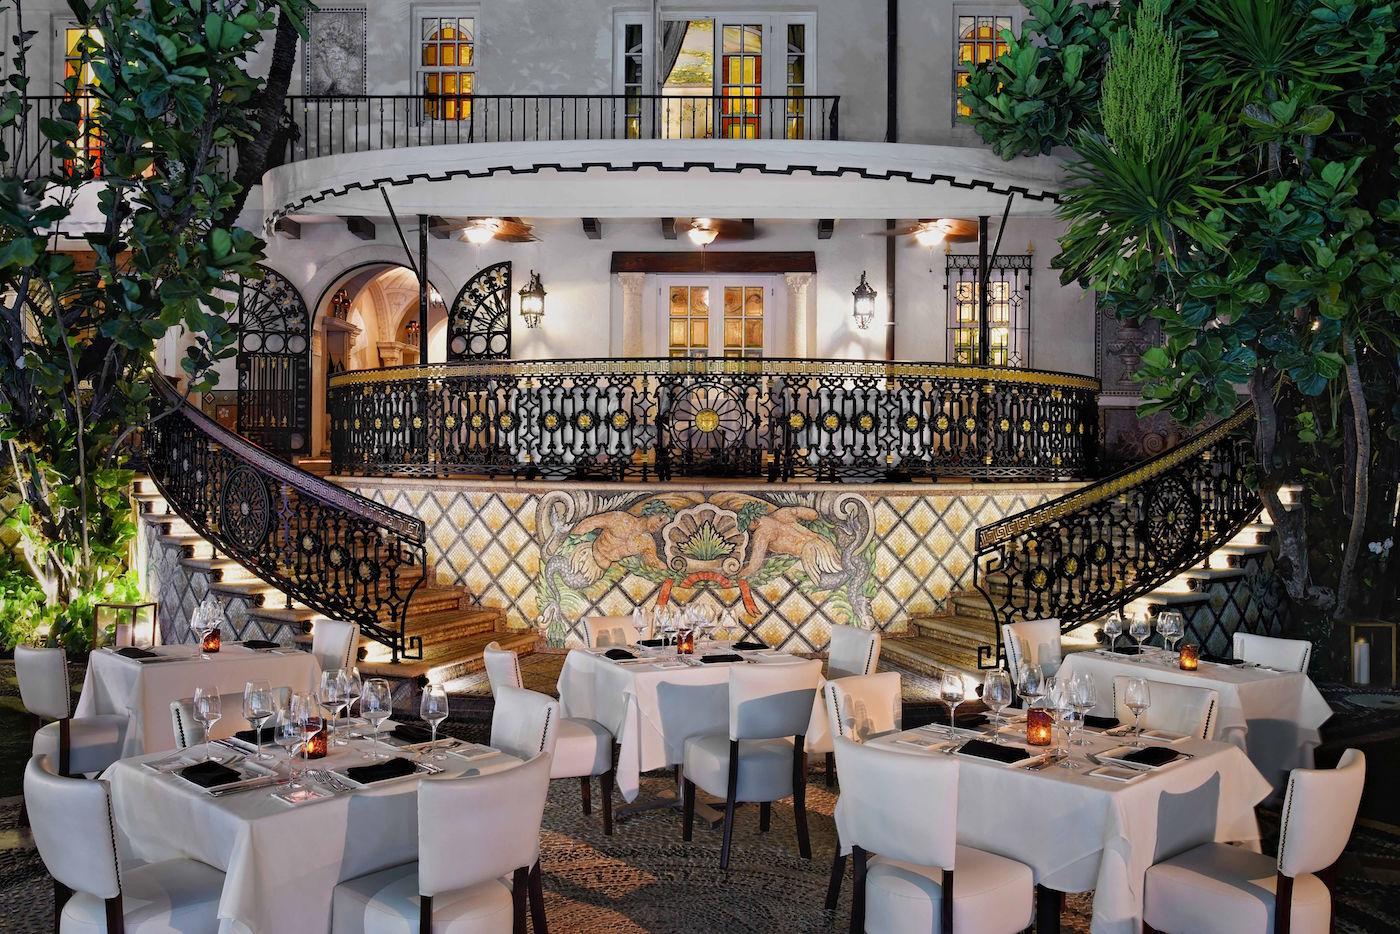 Gianni Versaces Anwesen in Miami wurde in ein Luxushotel umgewandelt 2